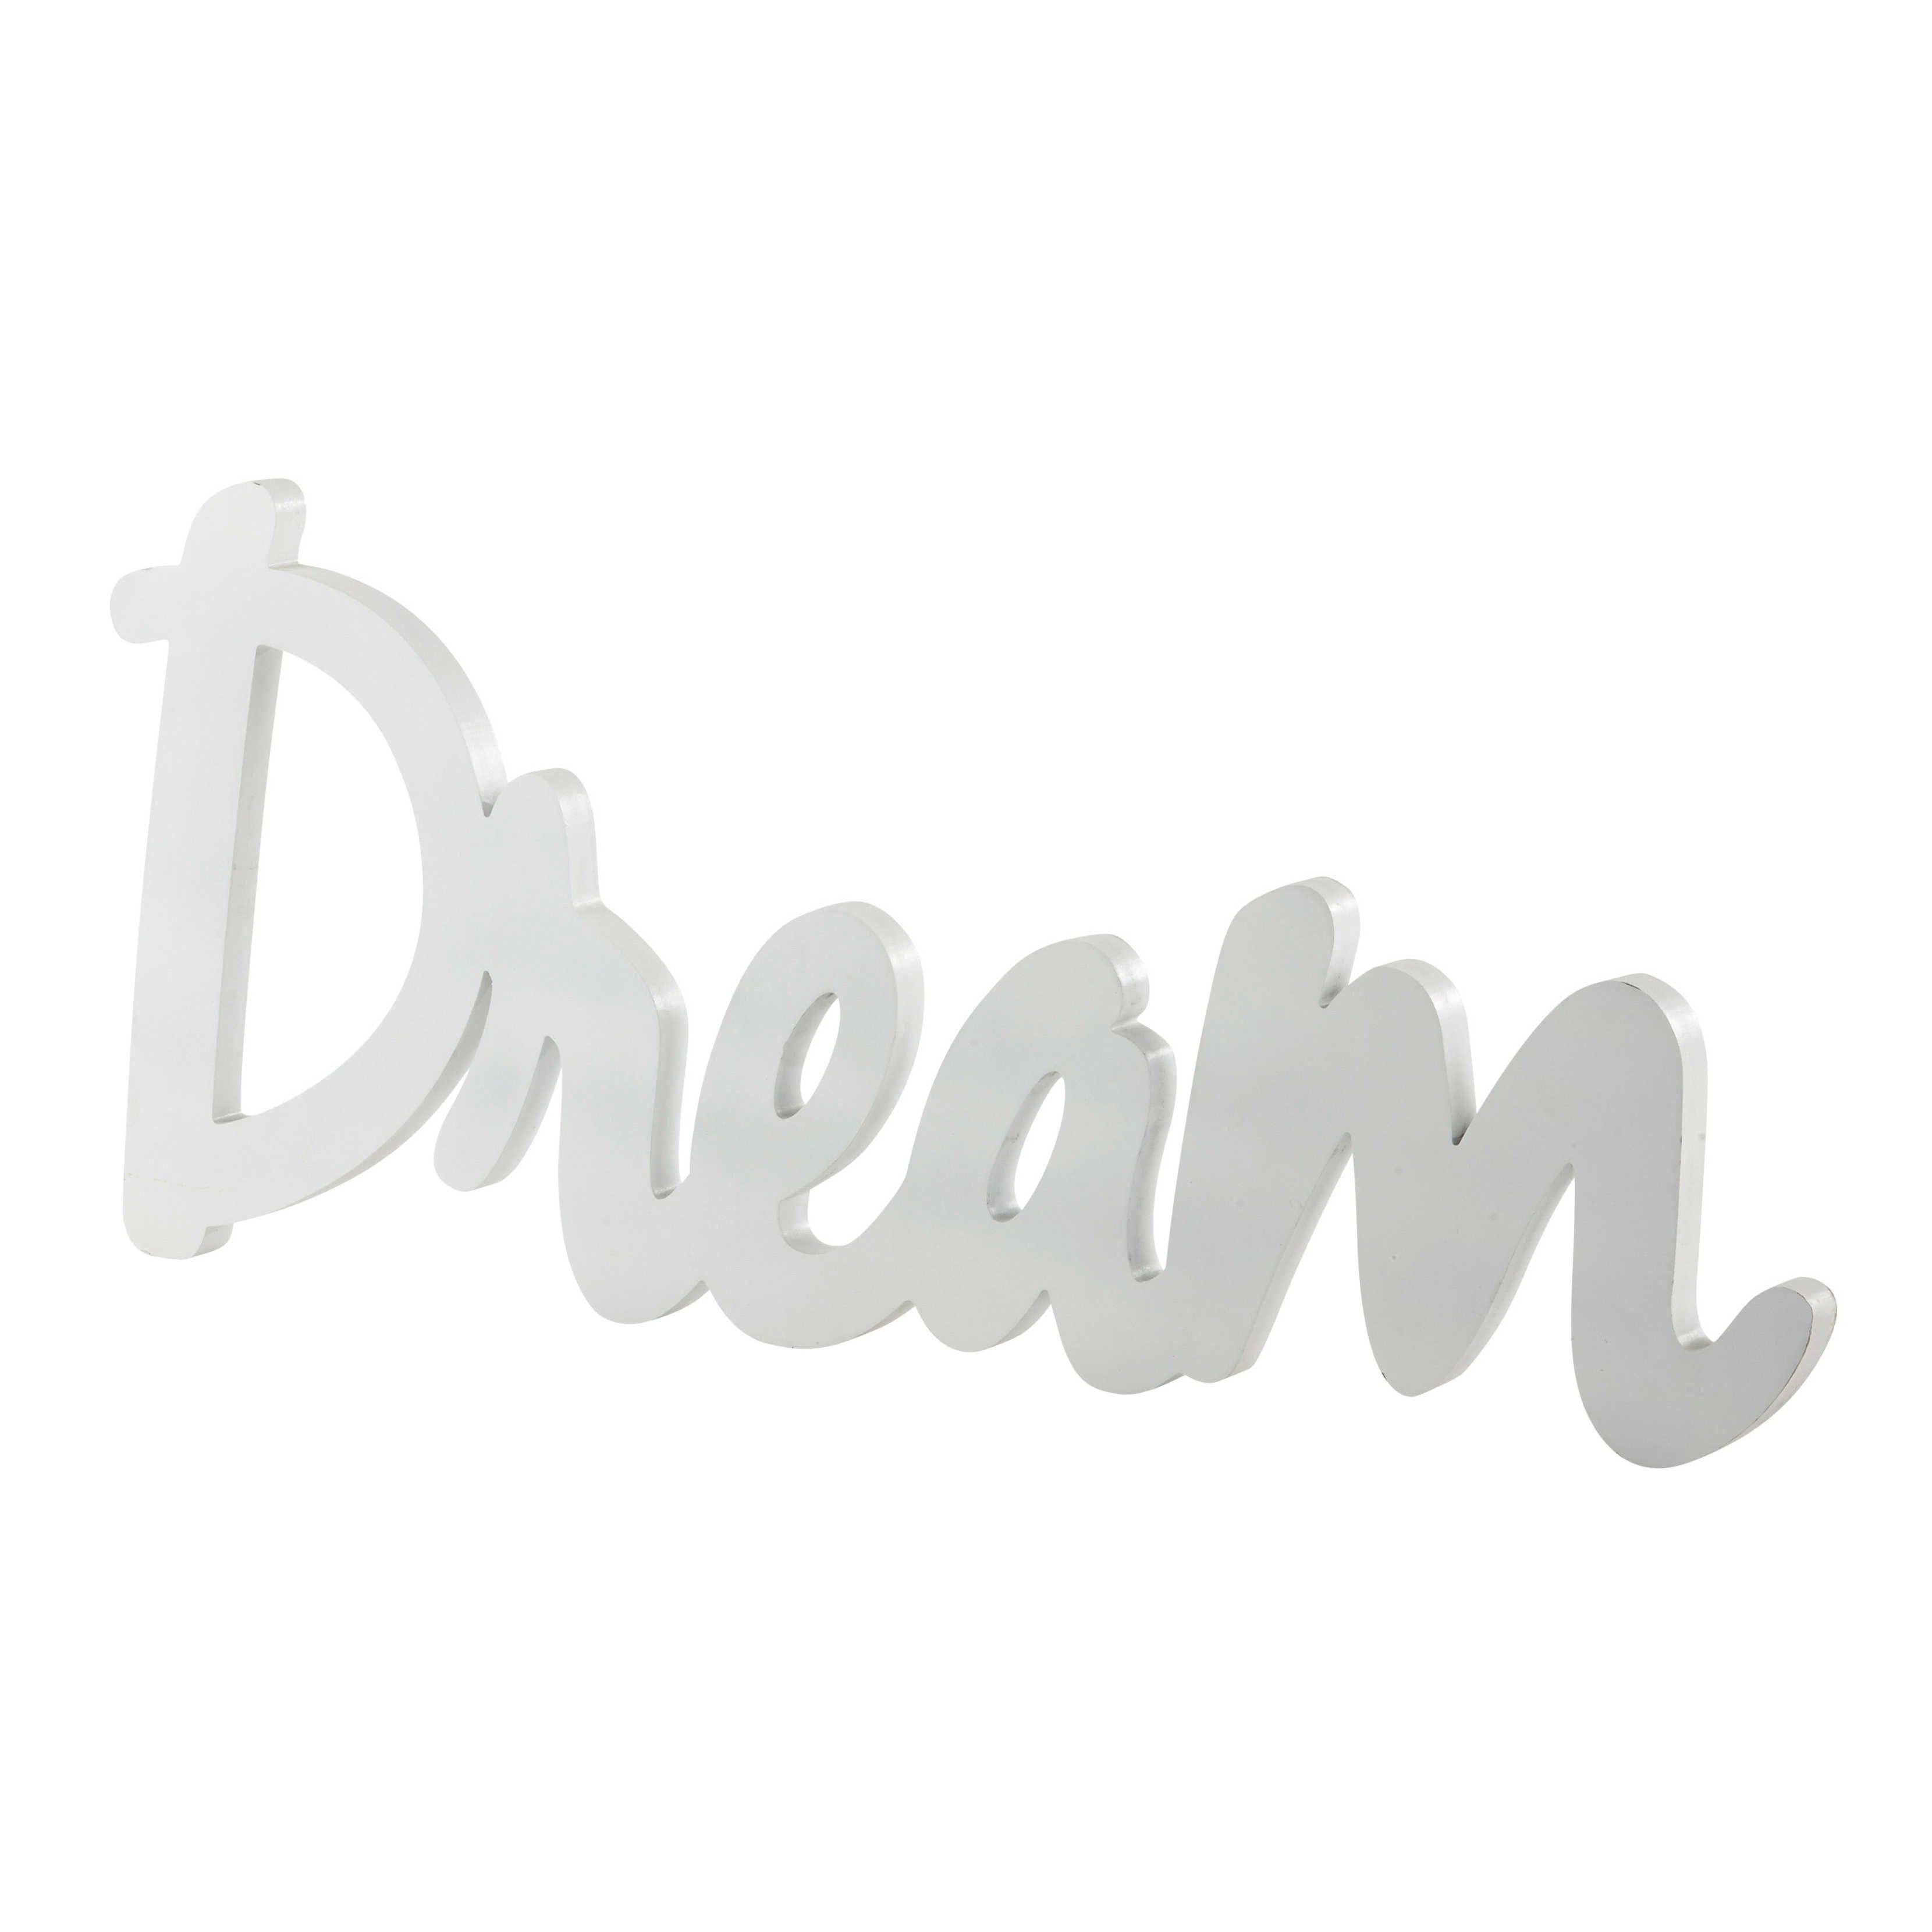 Arredo da parete bianco in legno L 92 cm SWEET DREAM